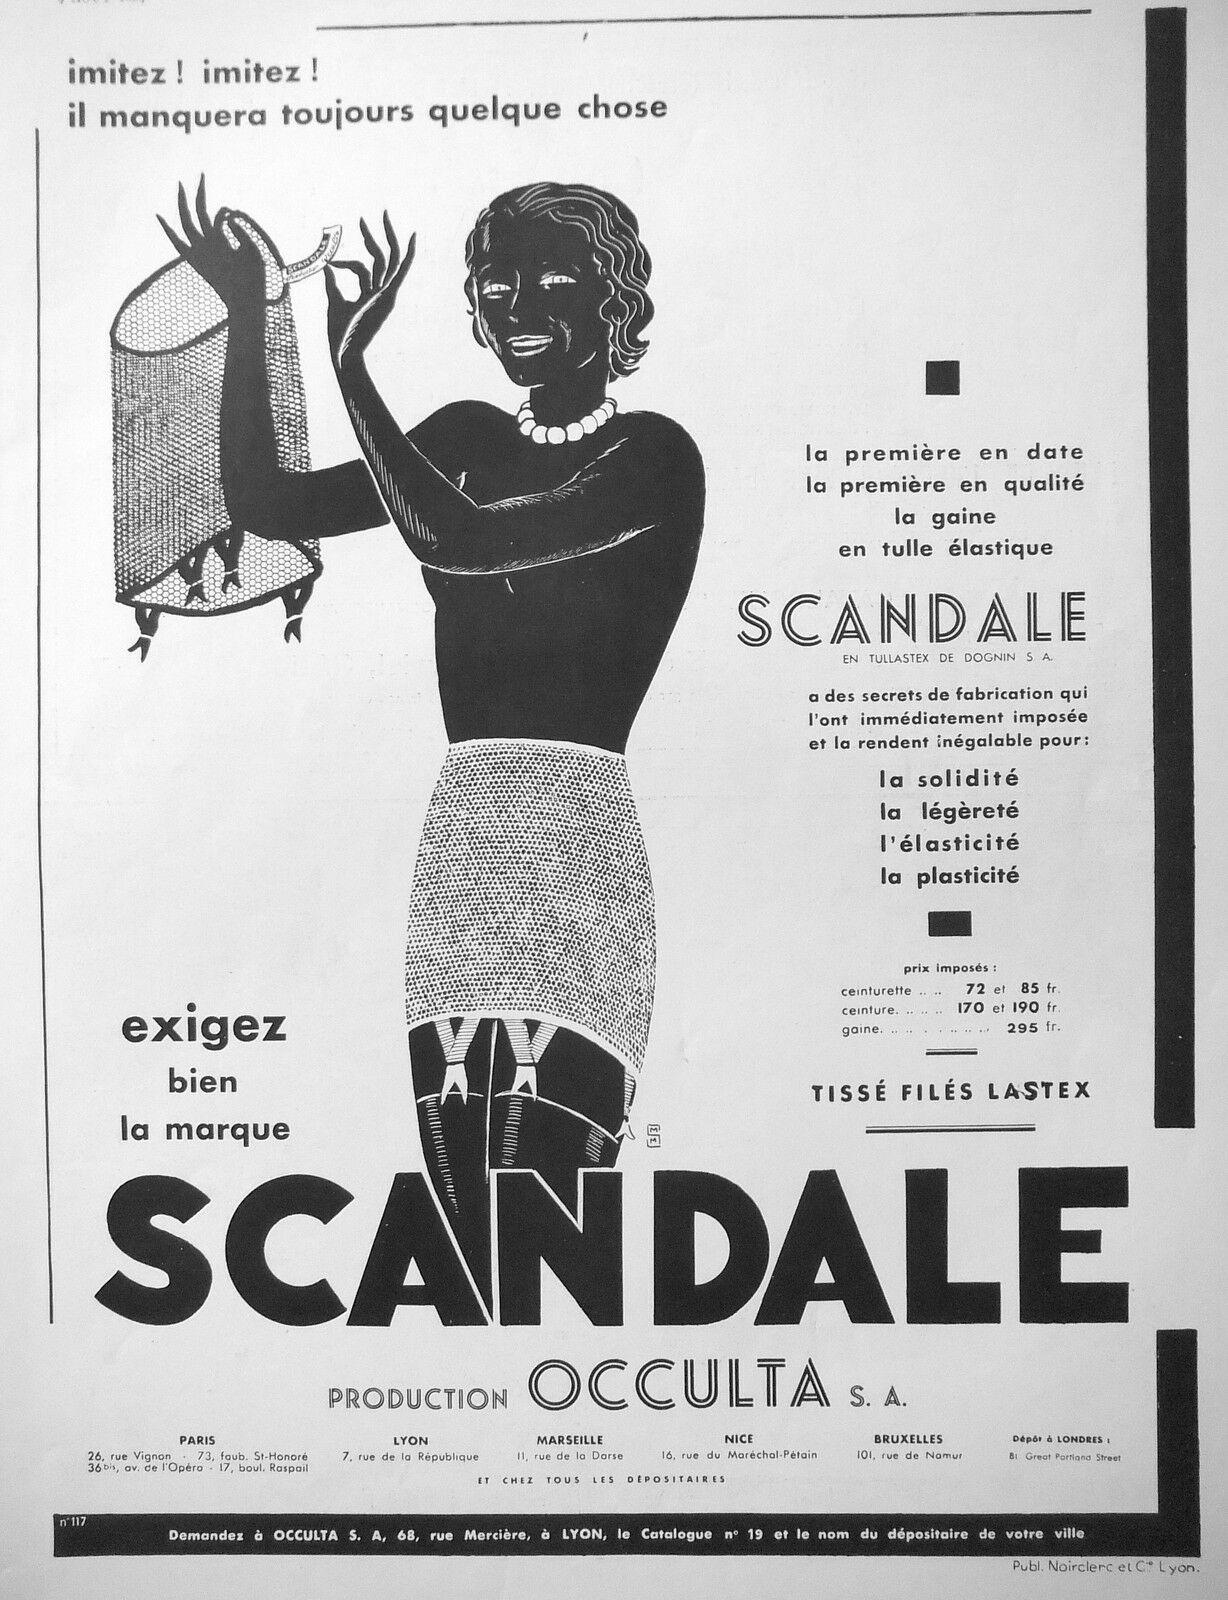 Occulta 1934 Scandale La-Gaine-En-Tulle m-s-de-saint-marc